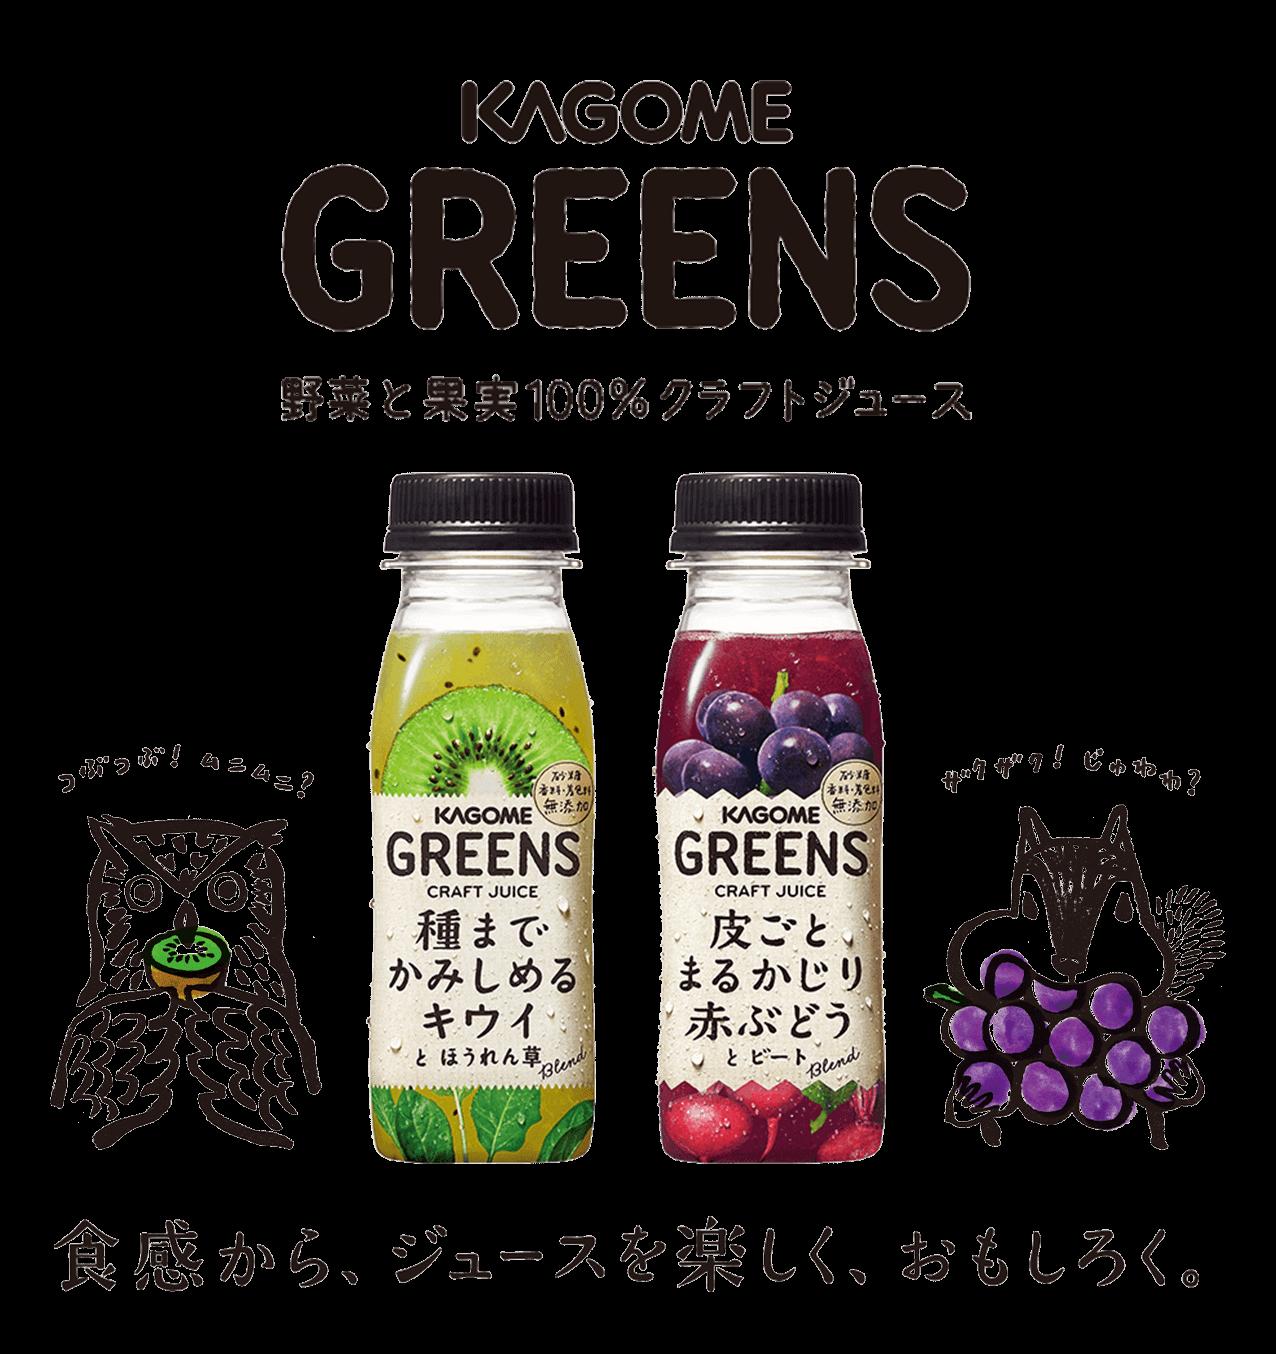 KAGOME GREENS 野菜と果実100%クラフトジュース 食感から、ジュースを楽しく、おもしろく。